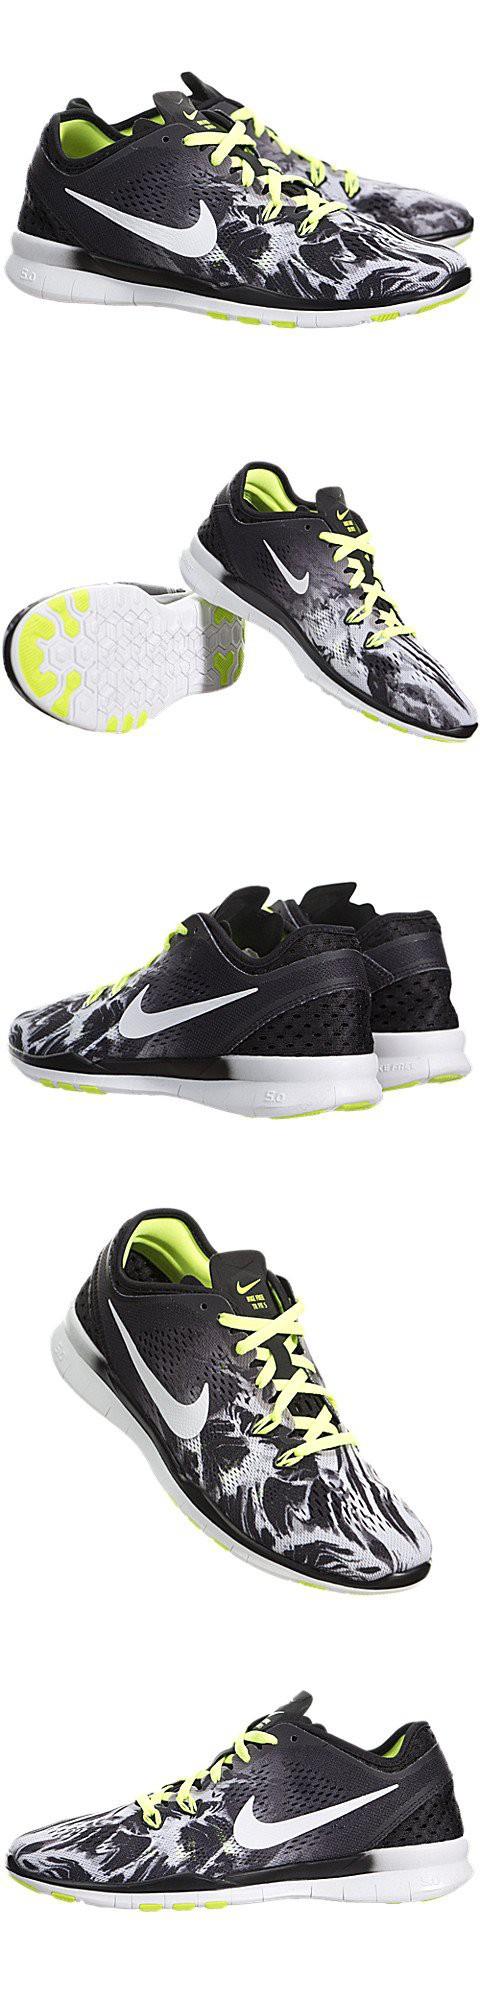 Nike Womens Free 5.0 Tr Fit 5 Print BlackWhite